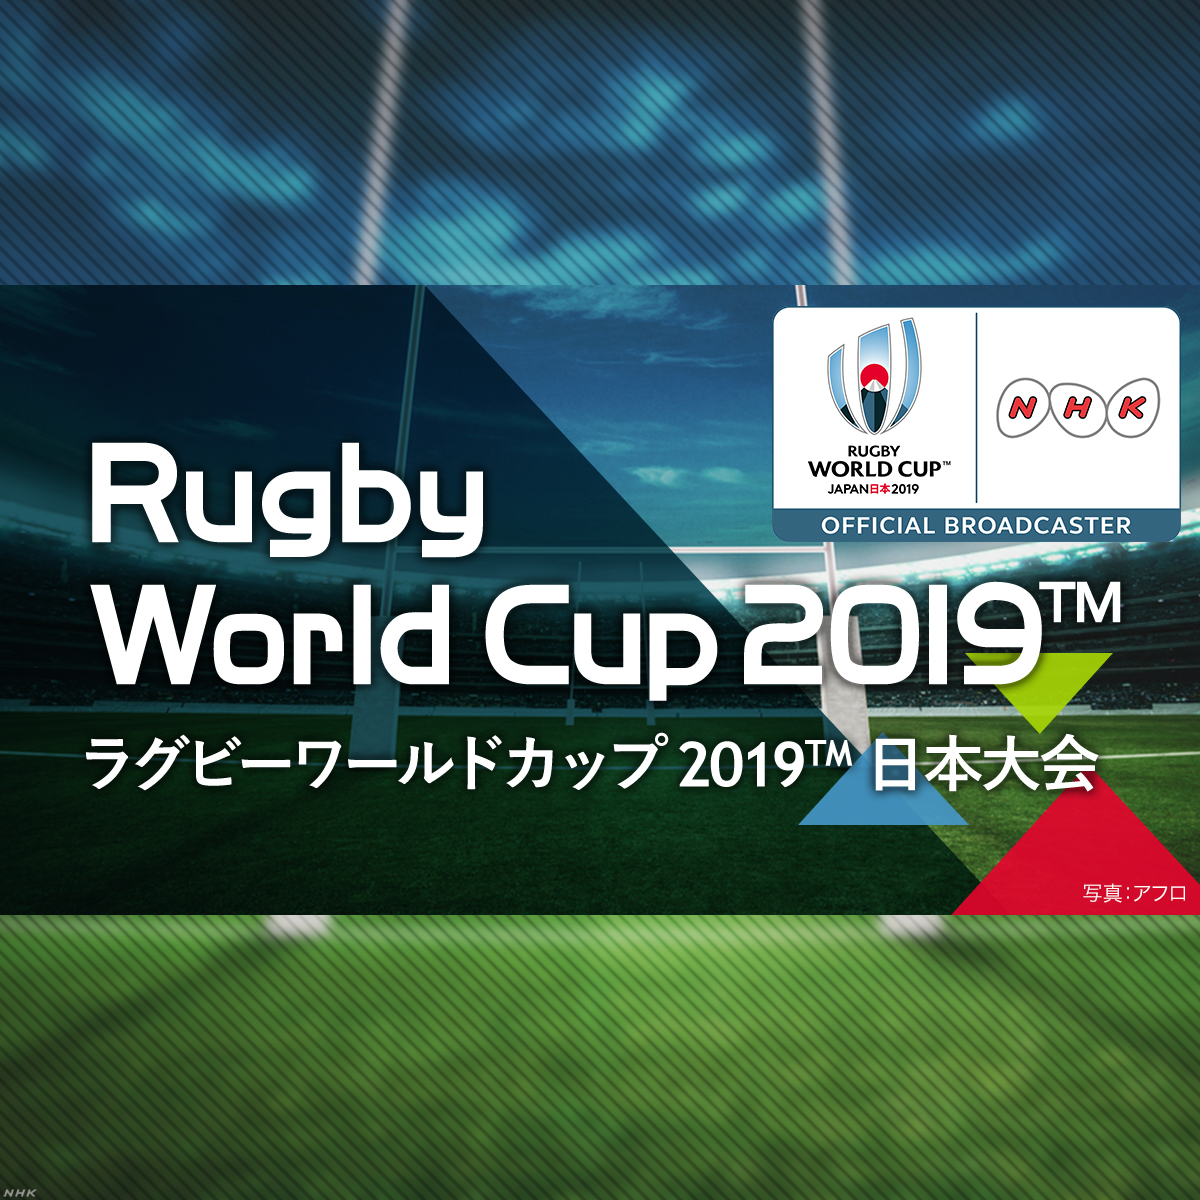 - イングランド 対 オーストラリア - 試合経過と結果 ラグビーワールドカップ2019日本大会 NHK NEWS WEB